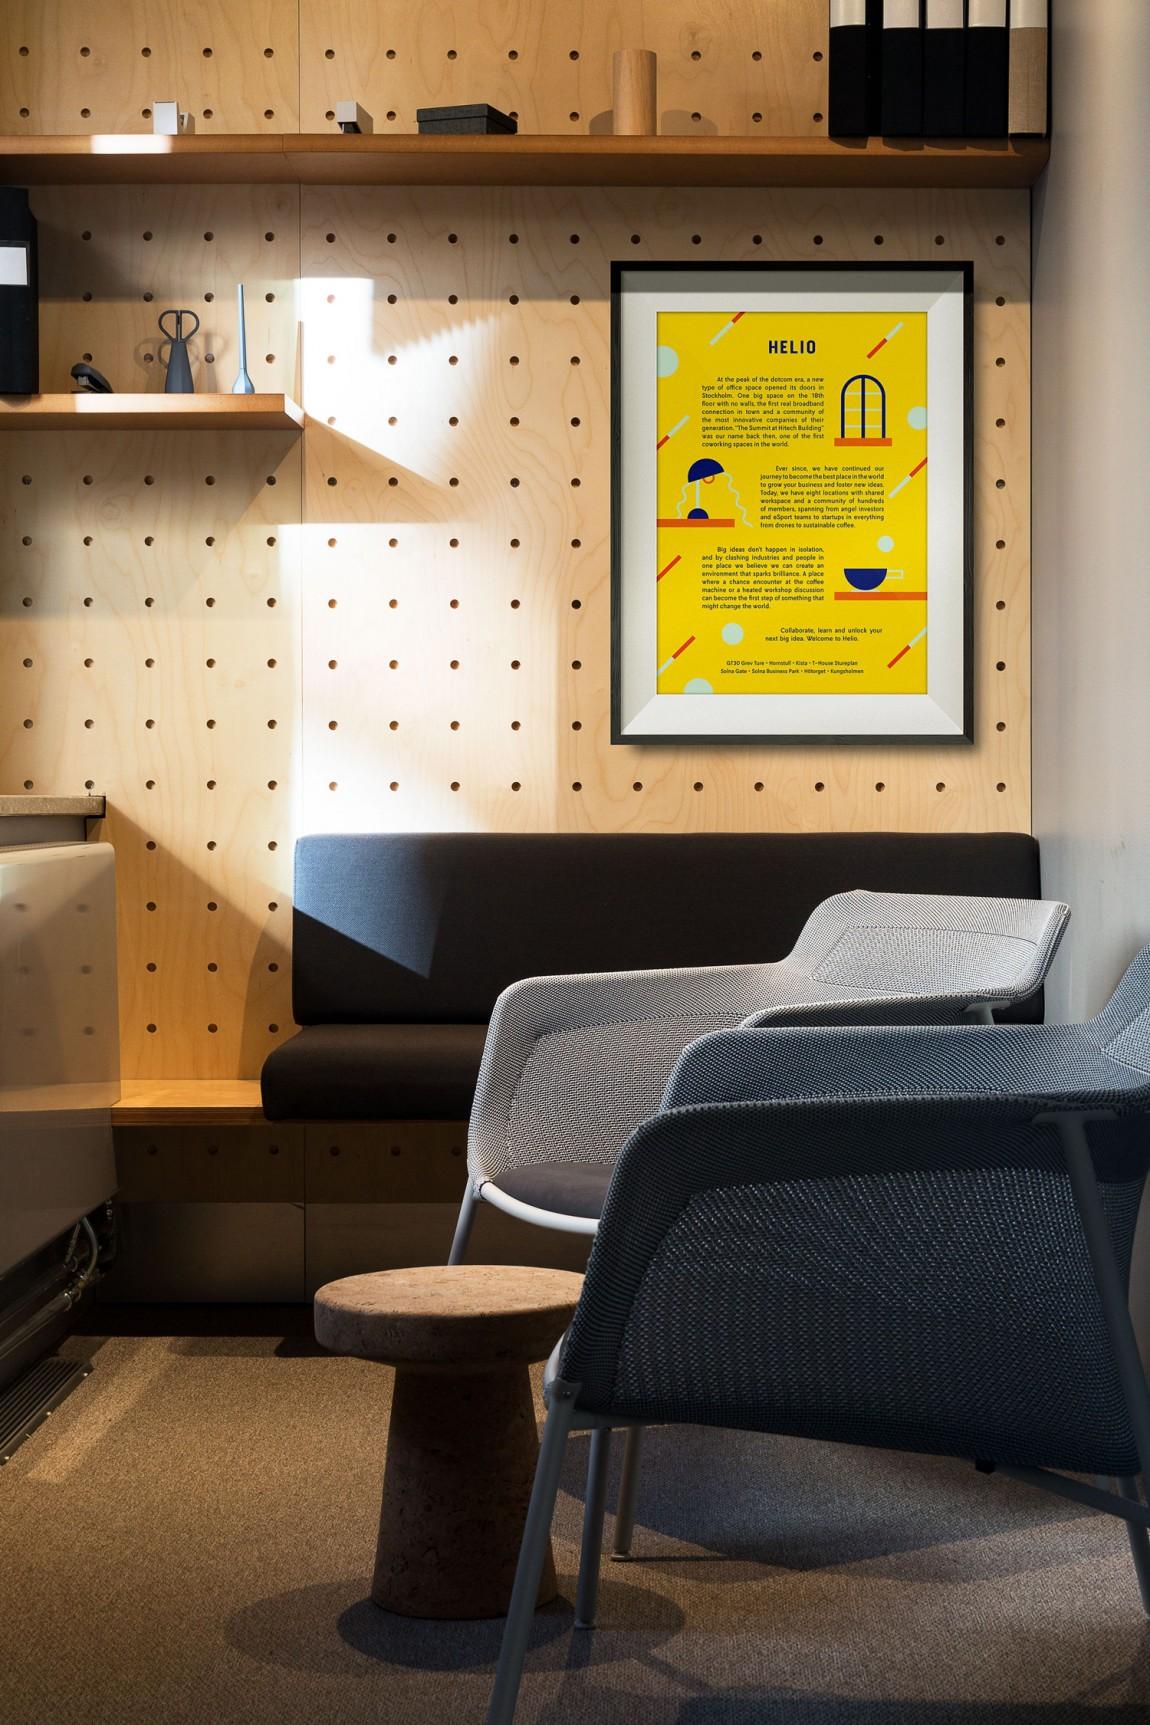 Helio联合办公空间企业形象设计,办公空间设计